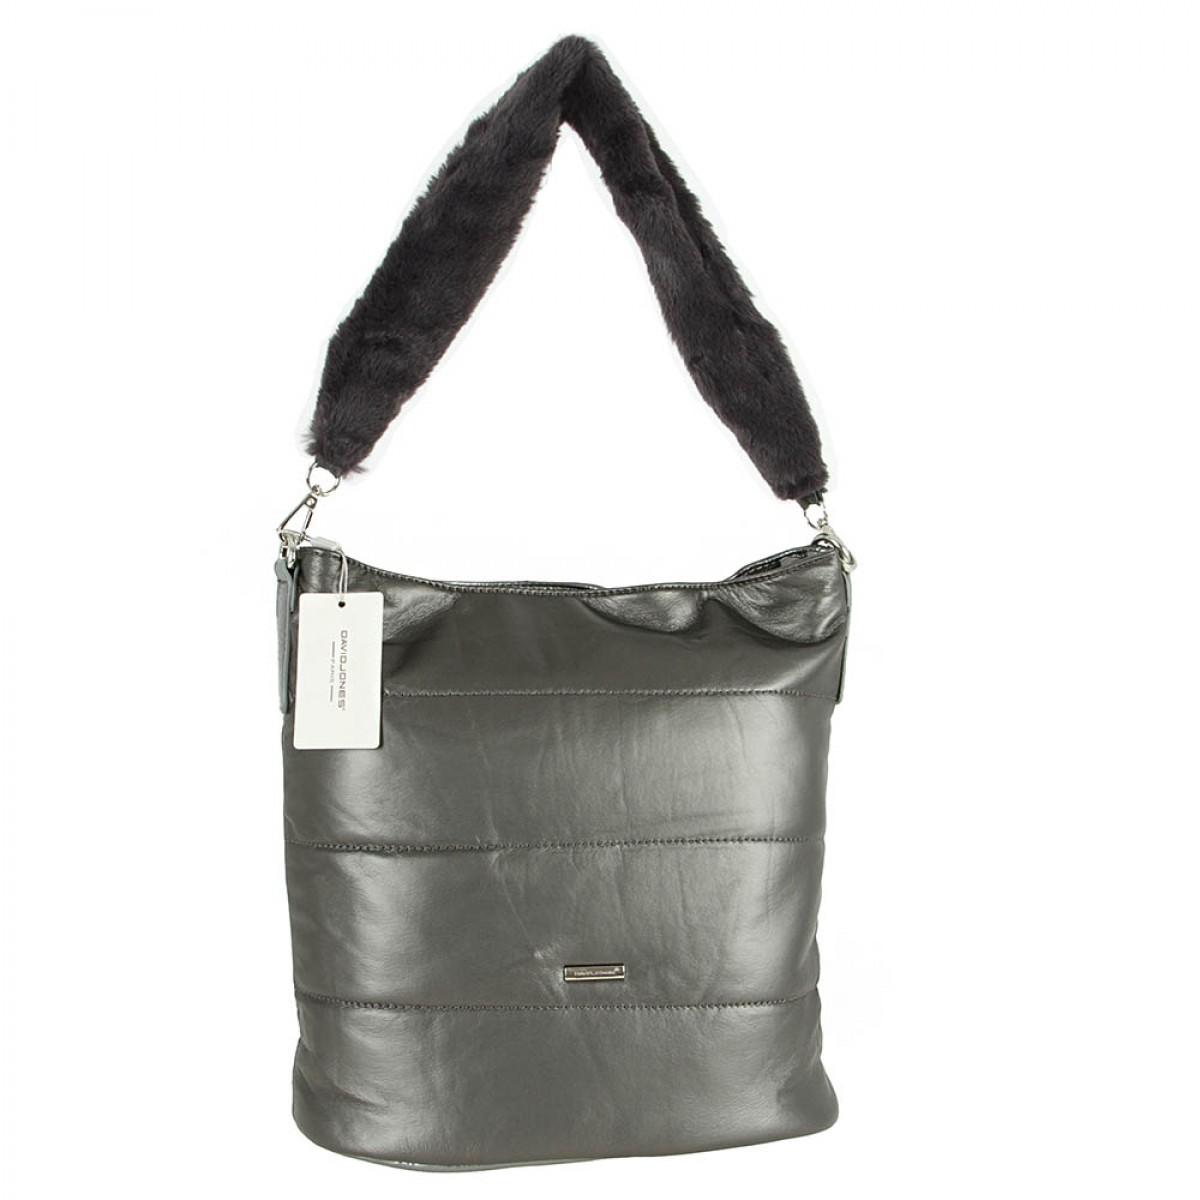 Жіноча сумка David Jones 5857-1 SILVERY GREY